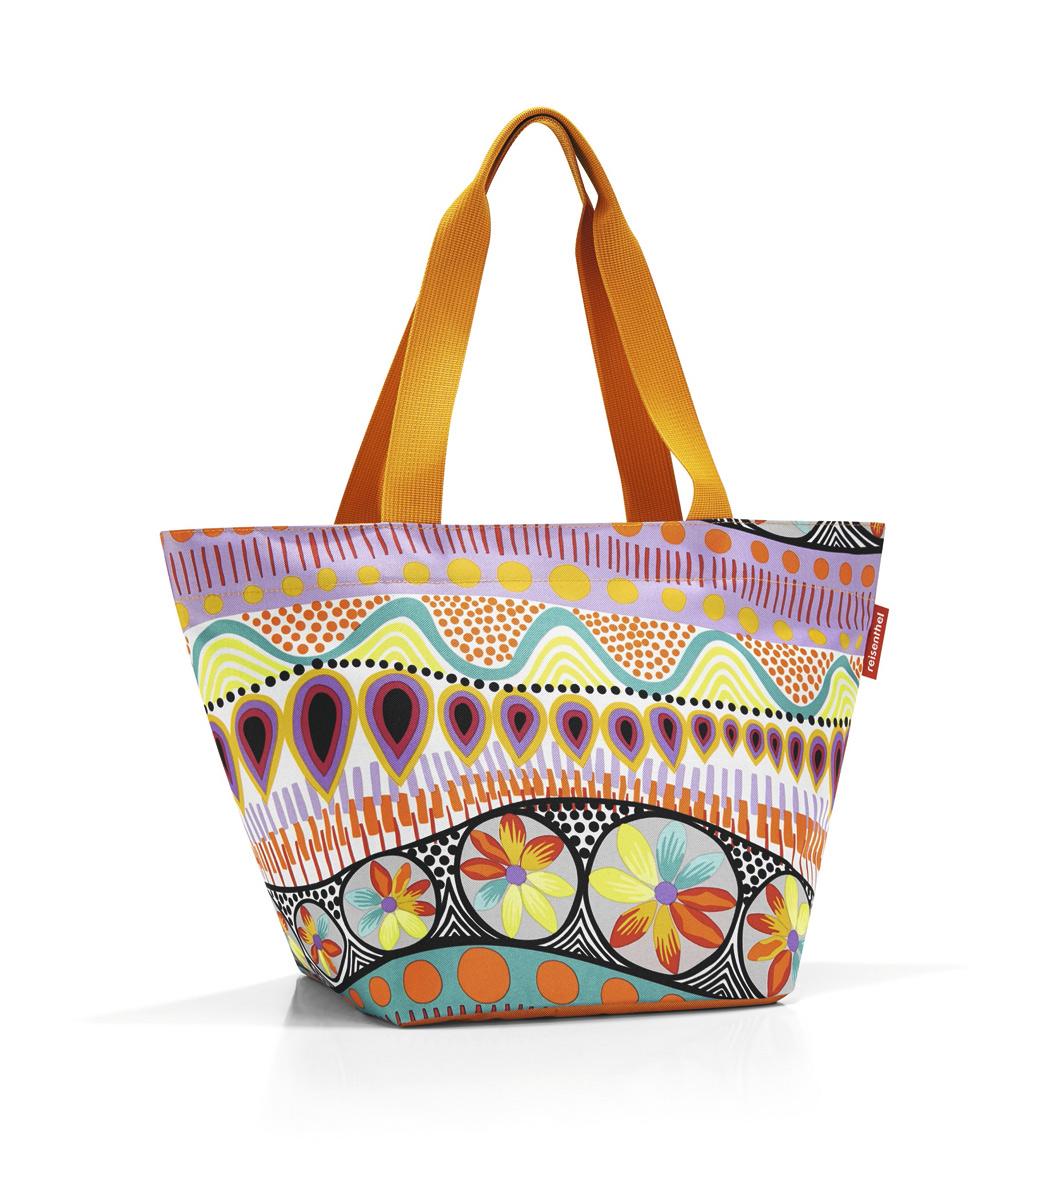 Сумка-шоппер женская Reisenthel, цвет: оранжевый. ZS2020ML597BUL/DОтличная сумка для похода за продуктами: широкие удобные лямки распределяют нагрузку на плече, а объем 15 литров позволяет вместить всё самое нужное. Застегивается на молнию. Внутри - кармашек на молнии для мелочей. Специальное уплотненное днище для надежности.